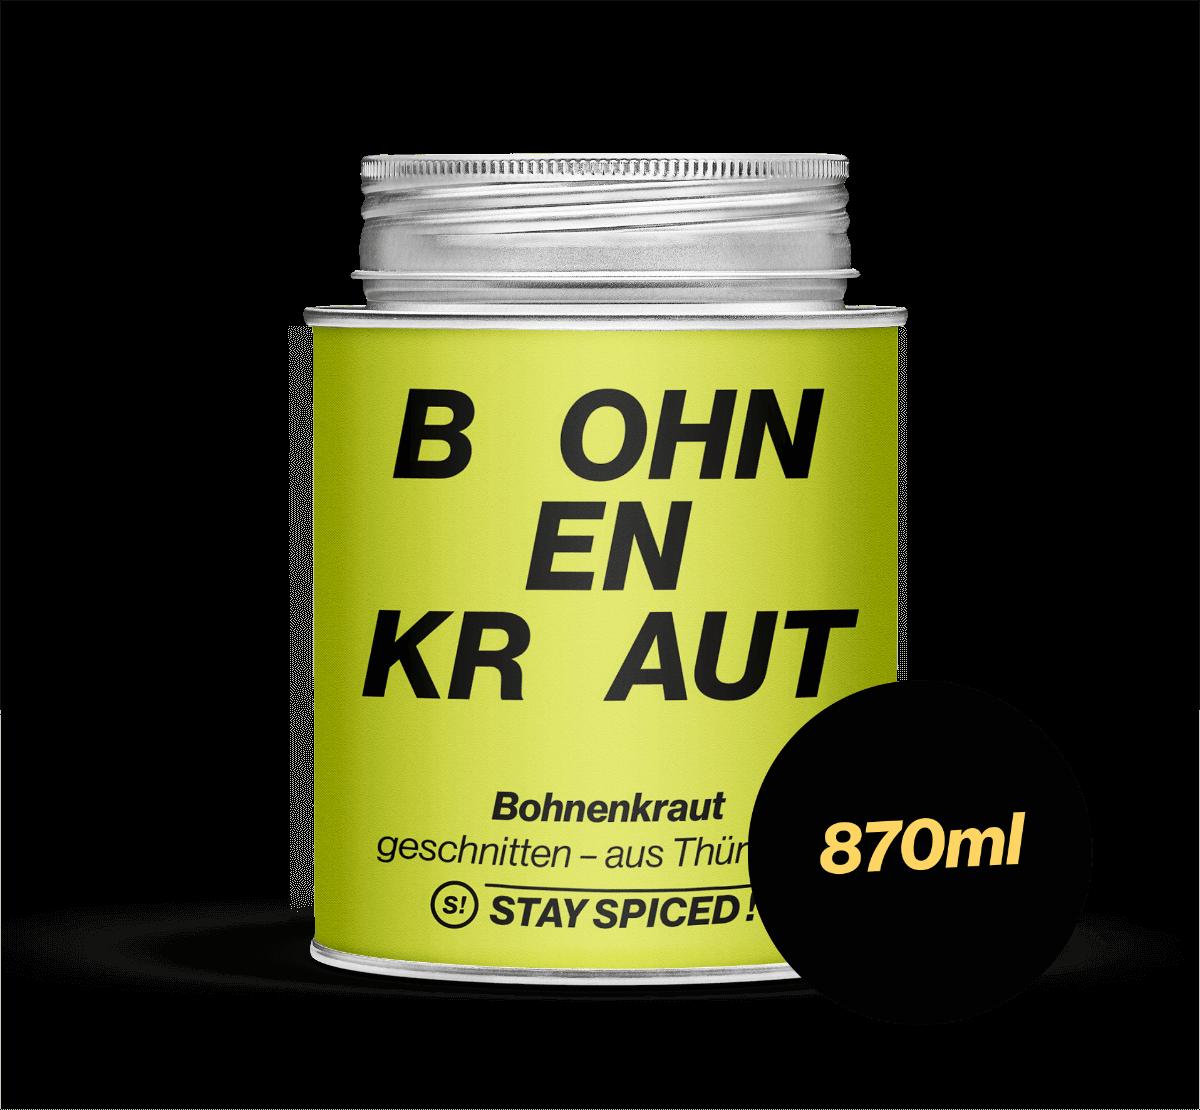 Bohnenkraut geschnitten - original Thüringer, 870 ml Schraubdose 870ml Schraubdose